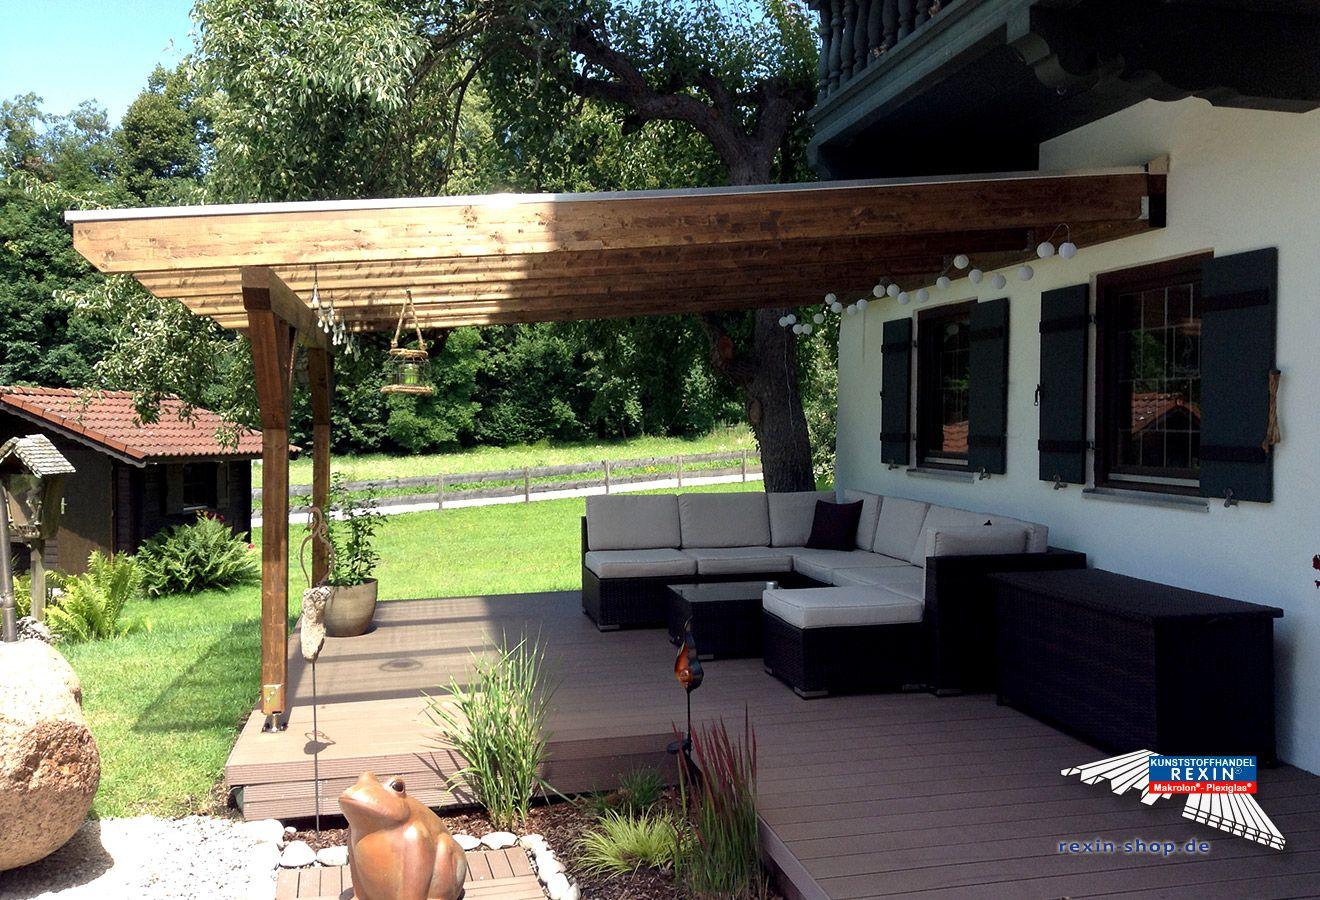 Ein Holz Terrassendach Der Marke Rexocomplete 4m X 4 5m Mit Makrolon Uv 2 16 30 Stegplatten Cc Klar Hi Uberdachung Terrasse Terrassendach Terrassenuberdachung